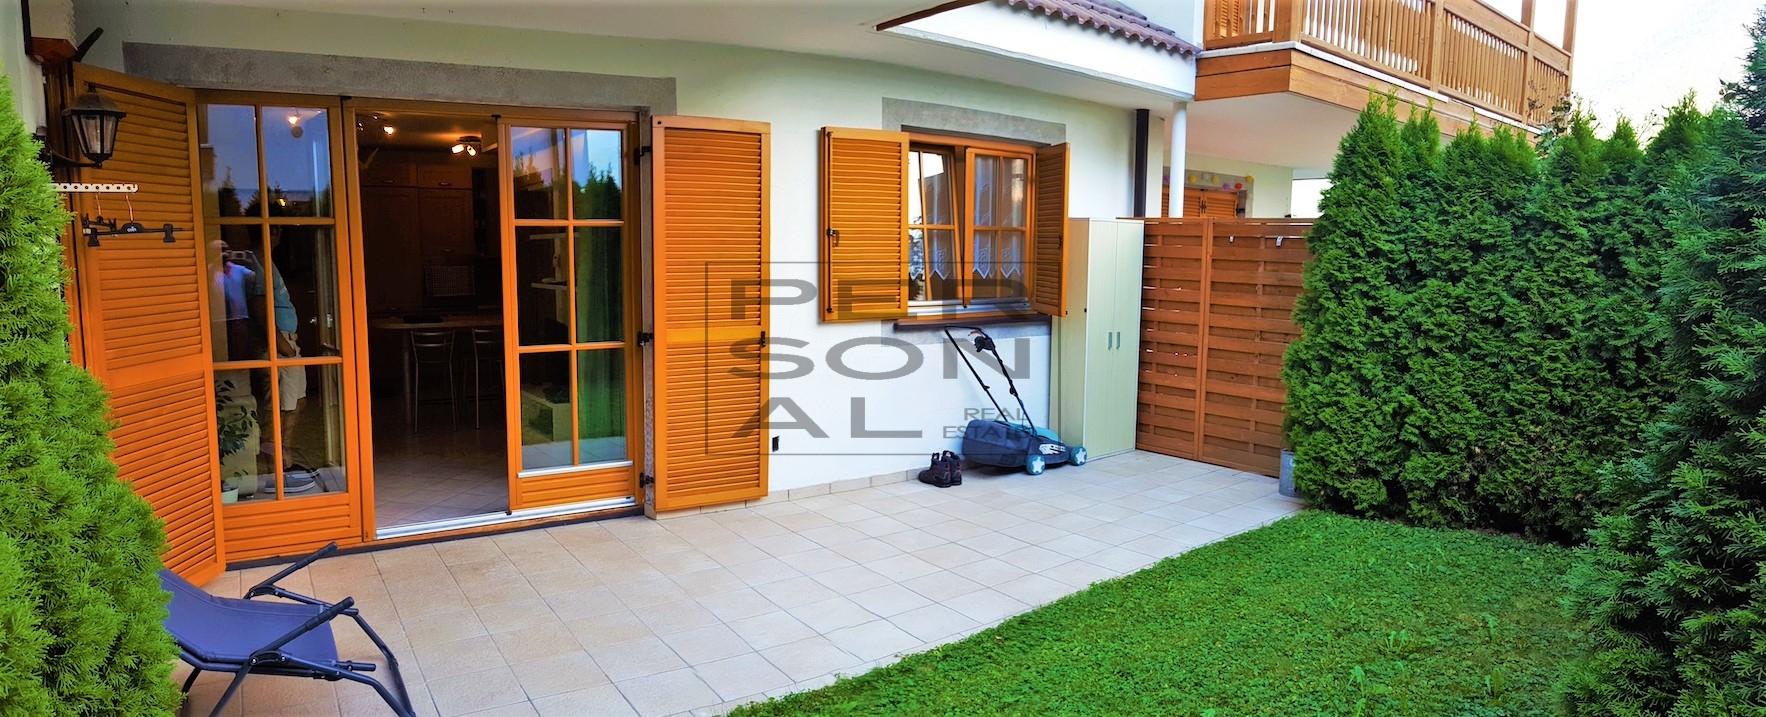 Appartamento in vendita a Vadena, 2 locali, prezzo € 165.000 | CambioCasa.it